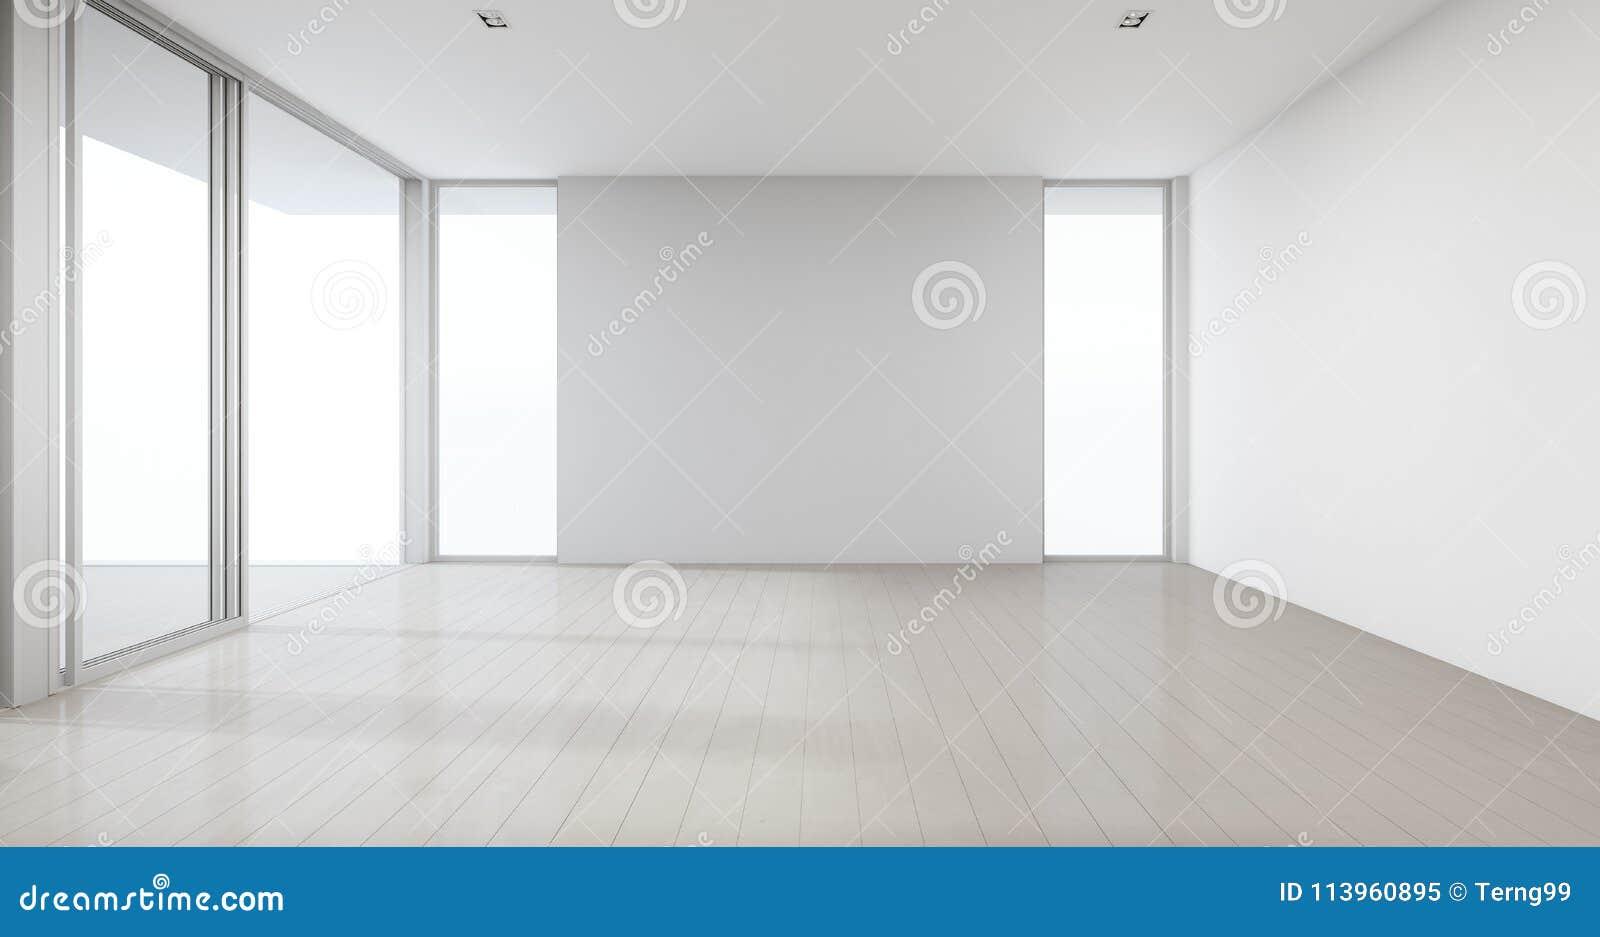 Good download pavimento di legno con il fondo grigio del - Pavimenti casa moderna ...